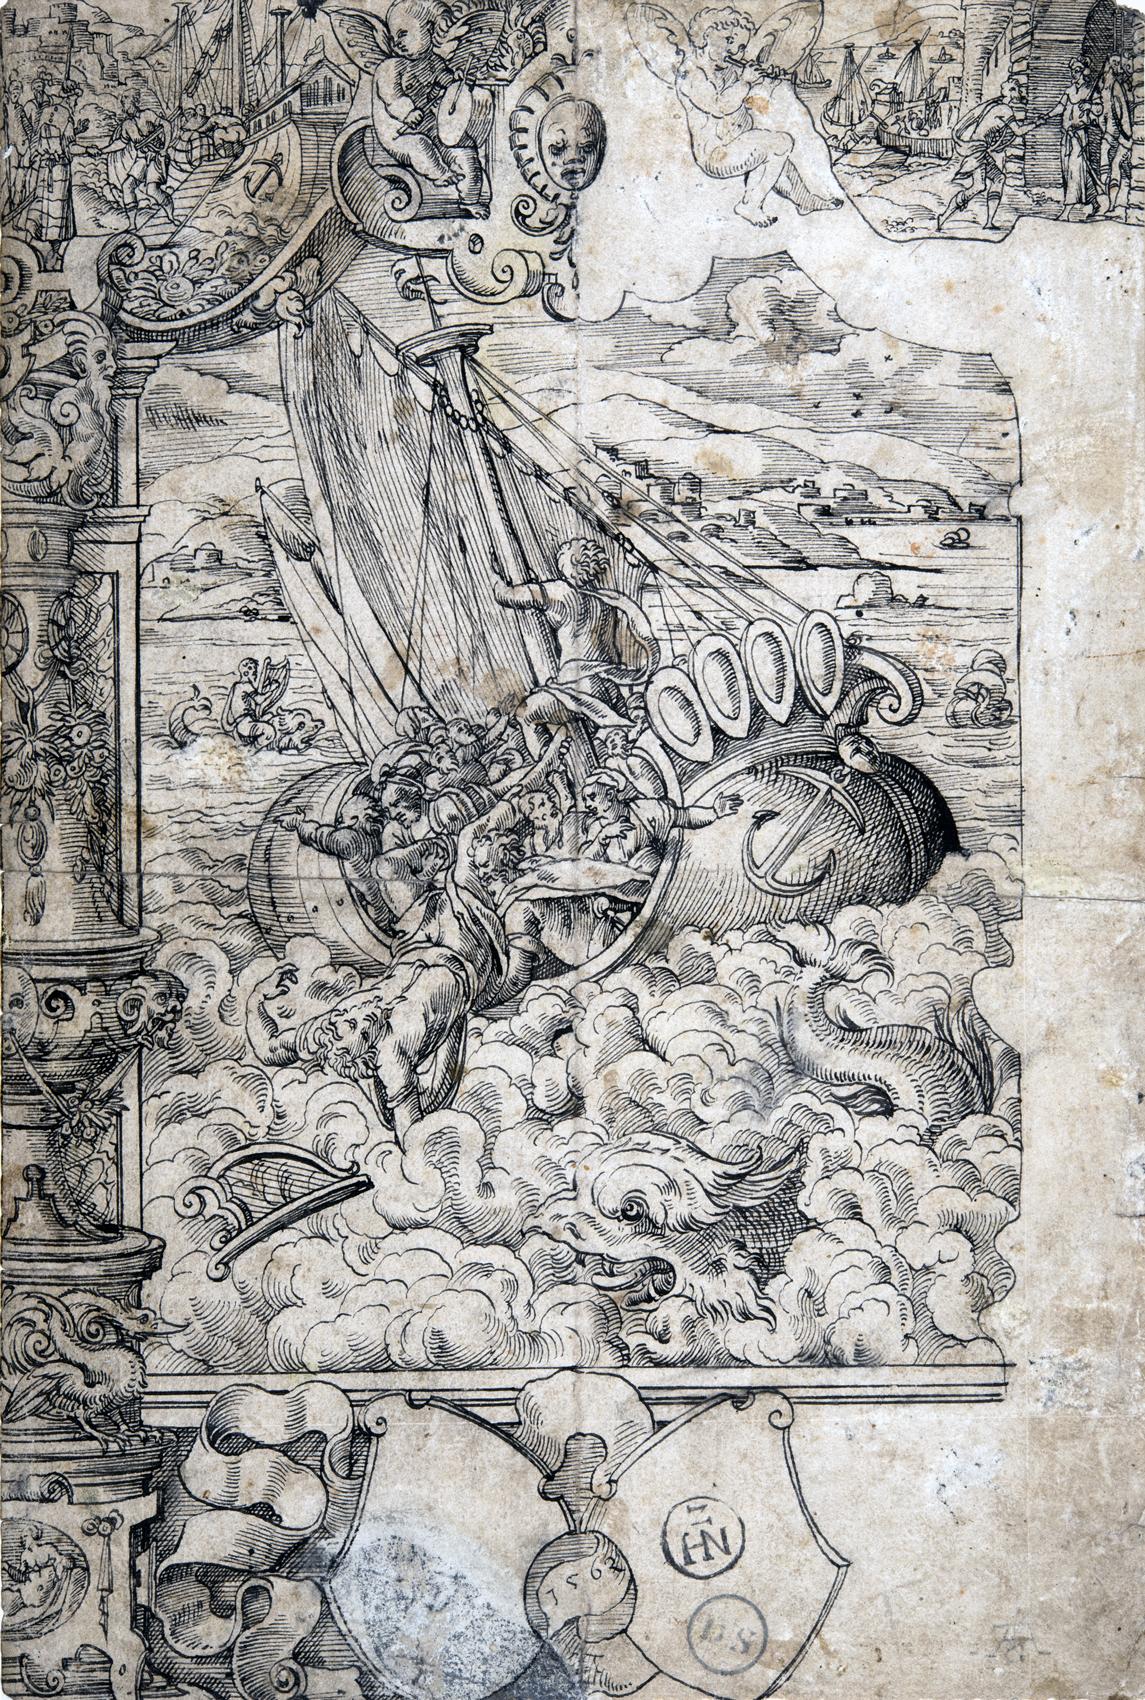 Arion wird von der Besatzung eines Segelschiffs ins Meer geworfen